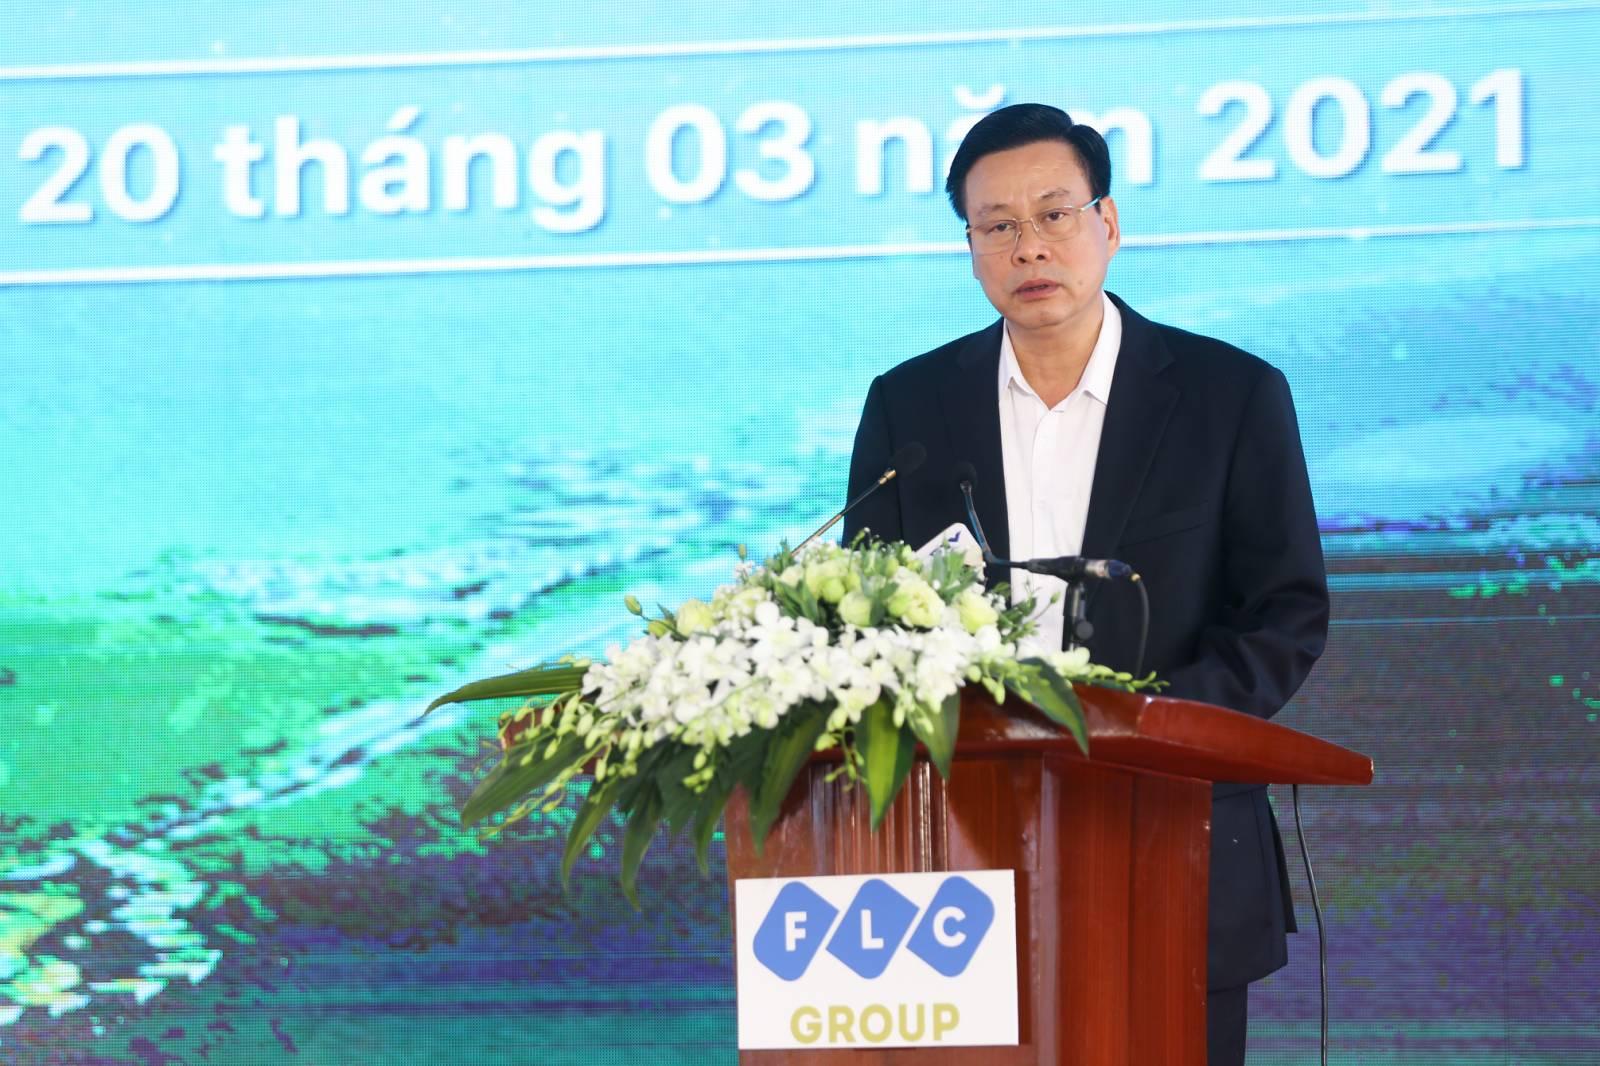 FLC khởi công khu du lịch nghỉ dưỡng sinh thái cao cấp tại Hà Giang - Ảnh 3.